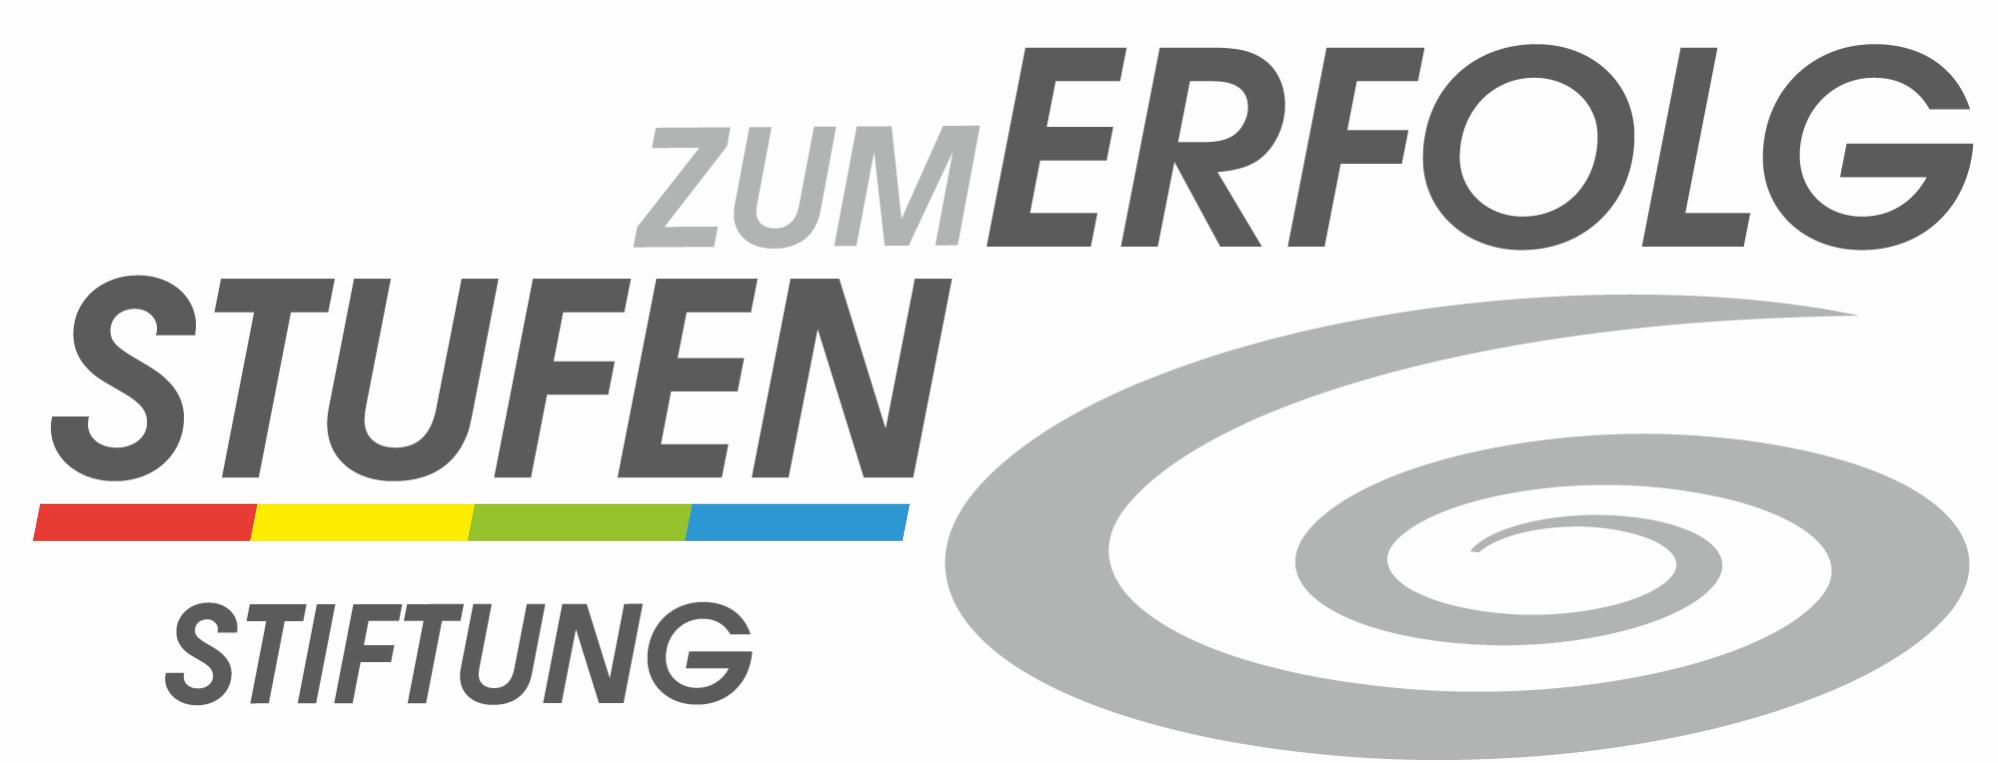 Stiftung STUFEN-zum-ERFOLG